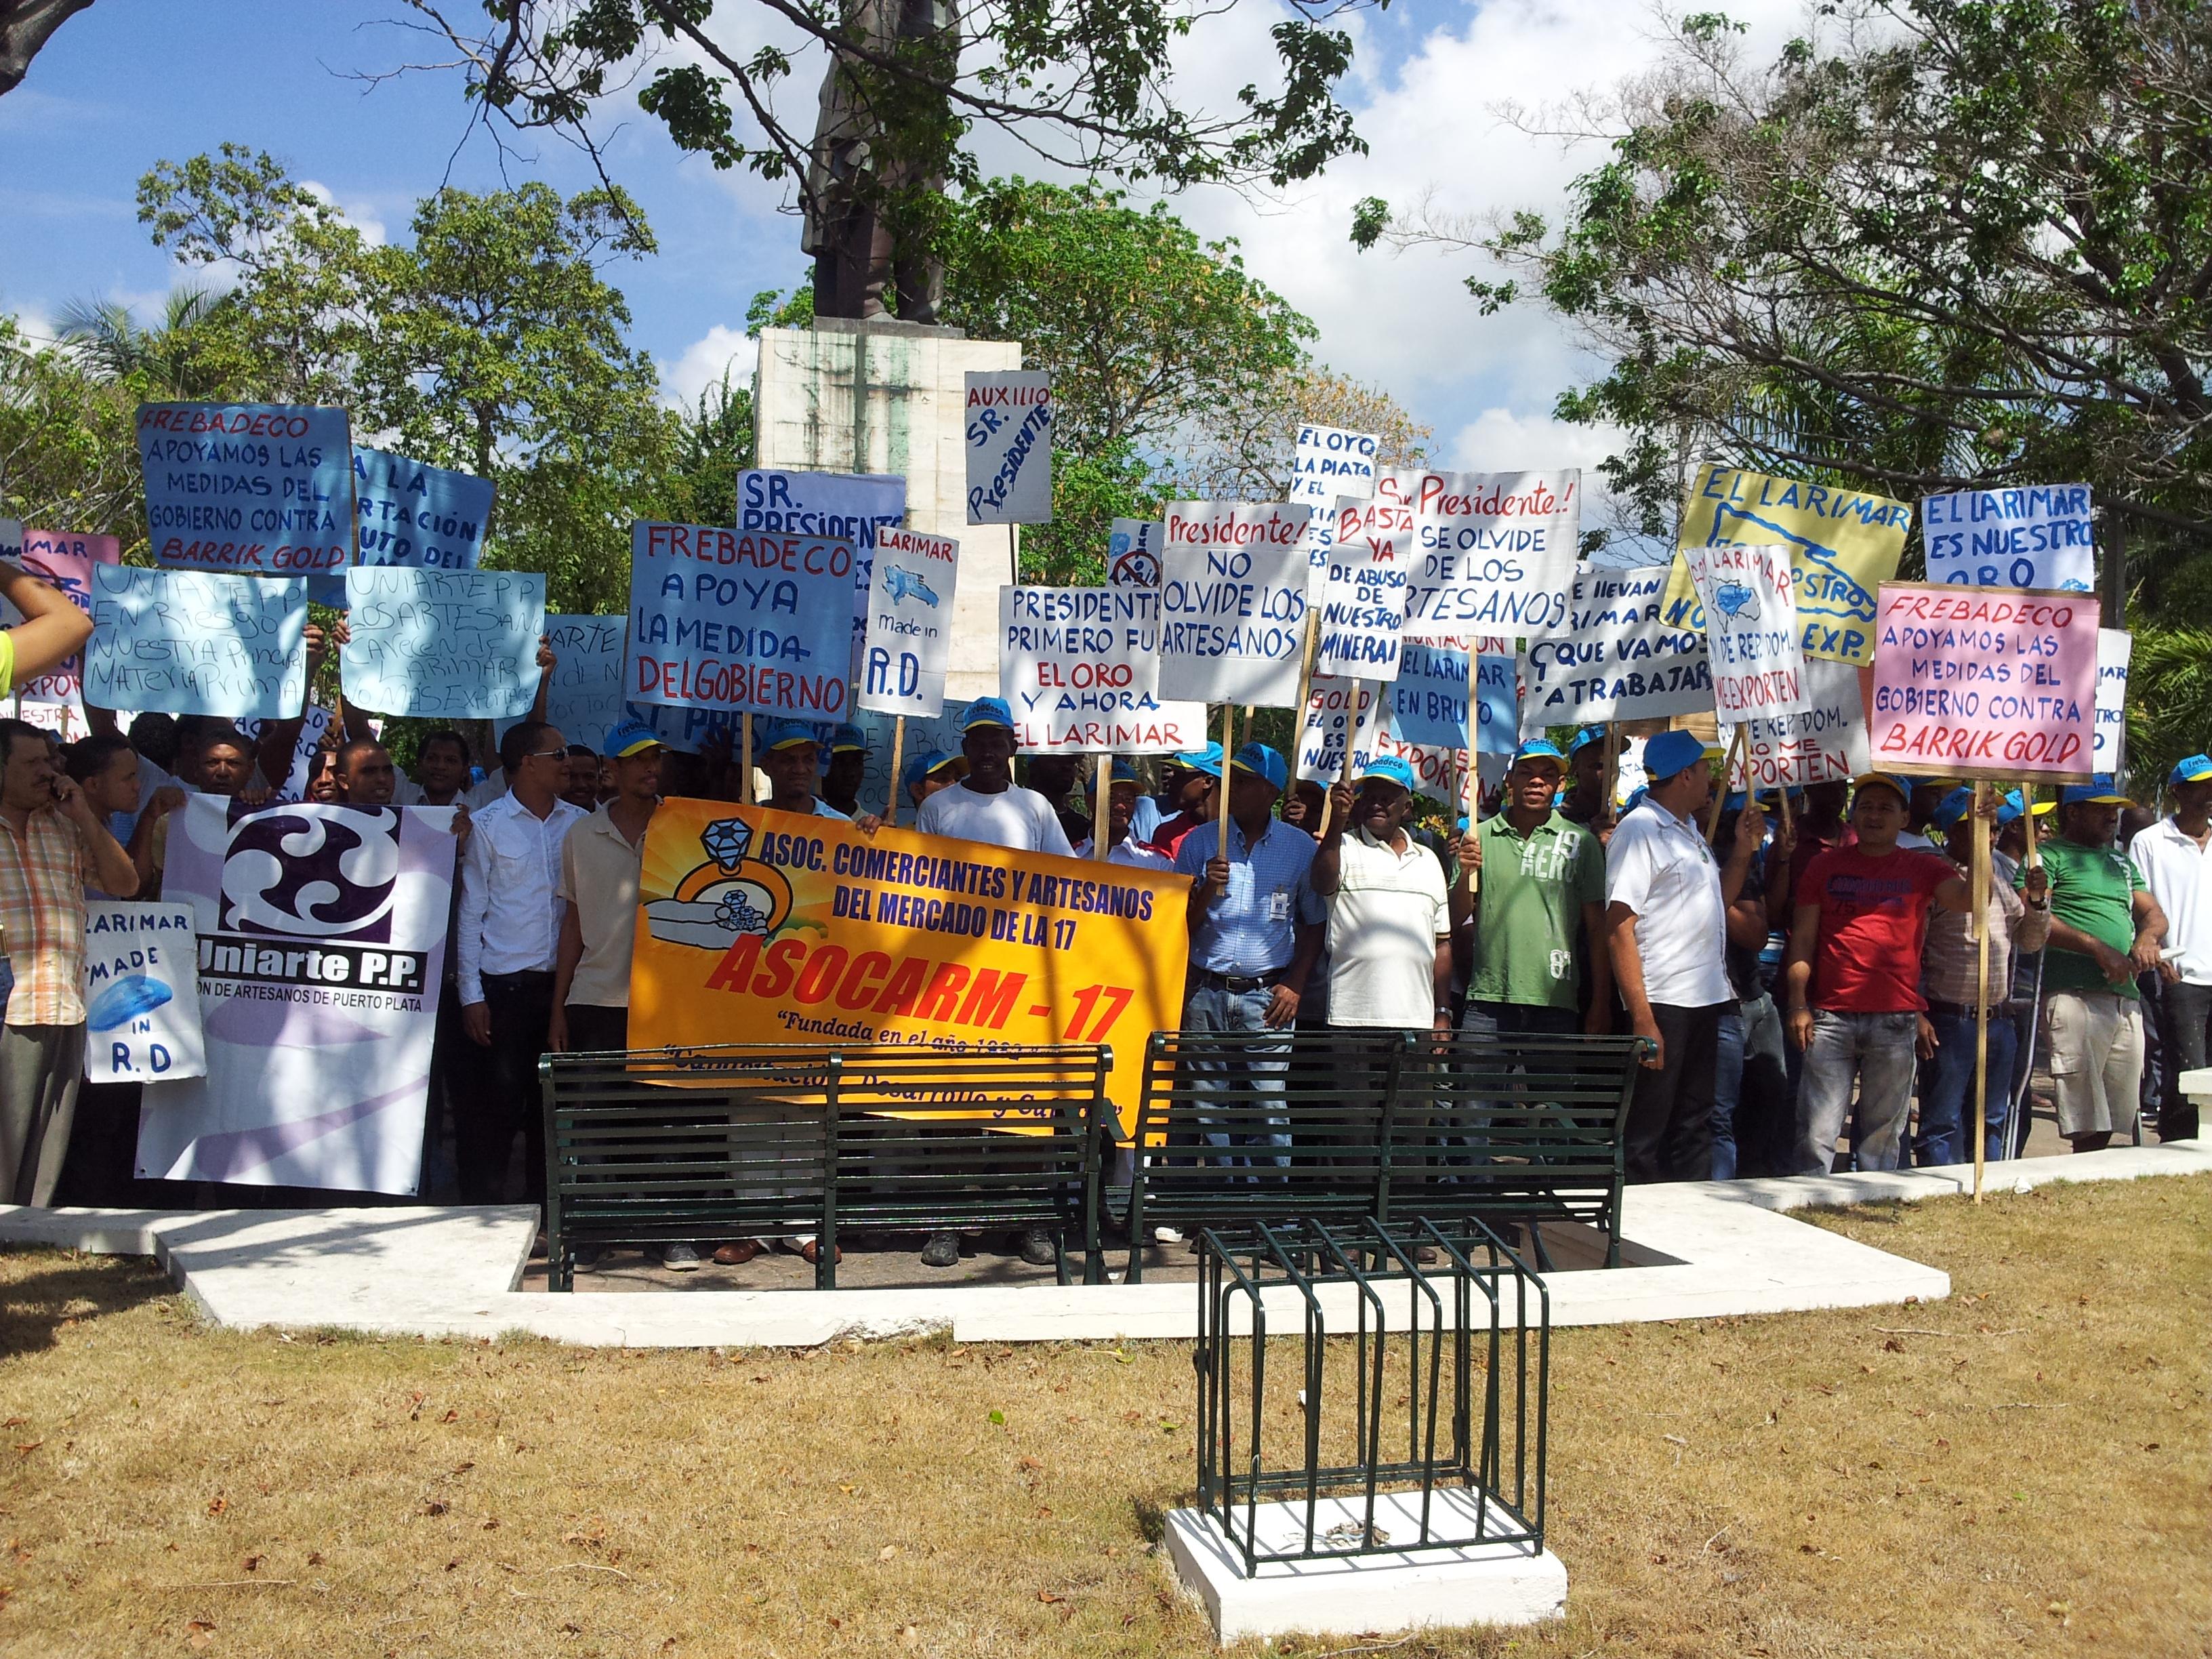 Artesanos protestan frente al Palacio por exportación de Larimar